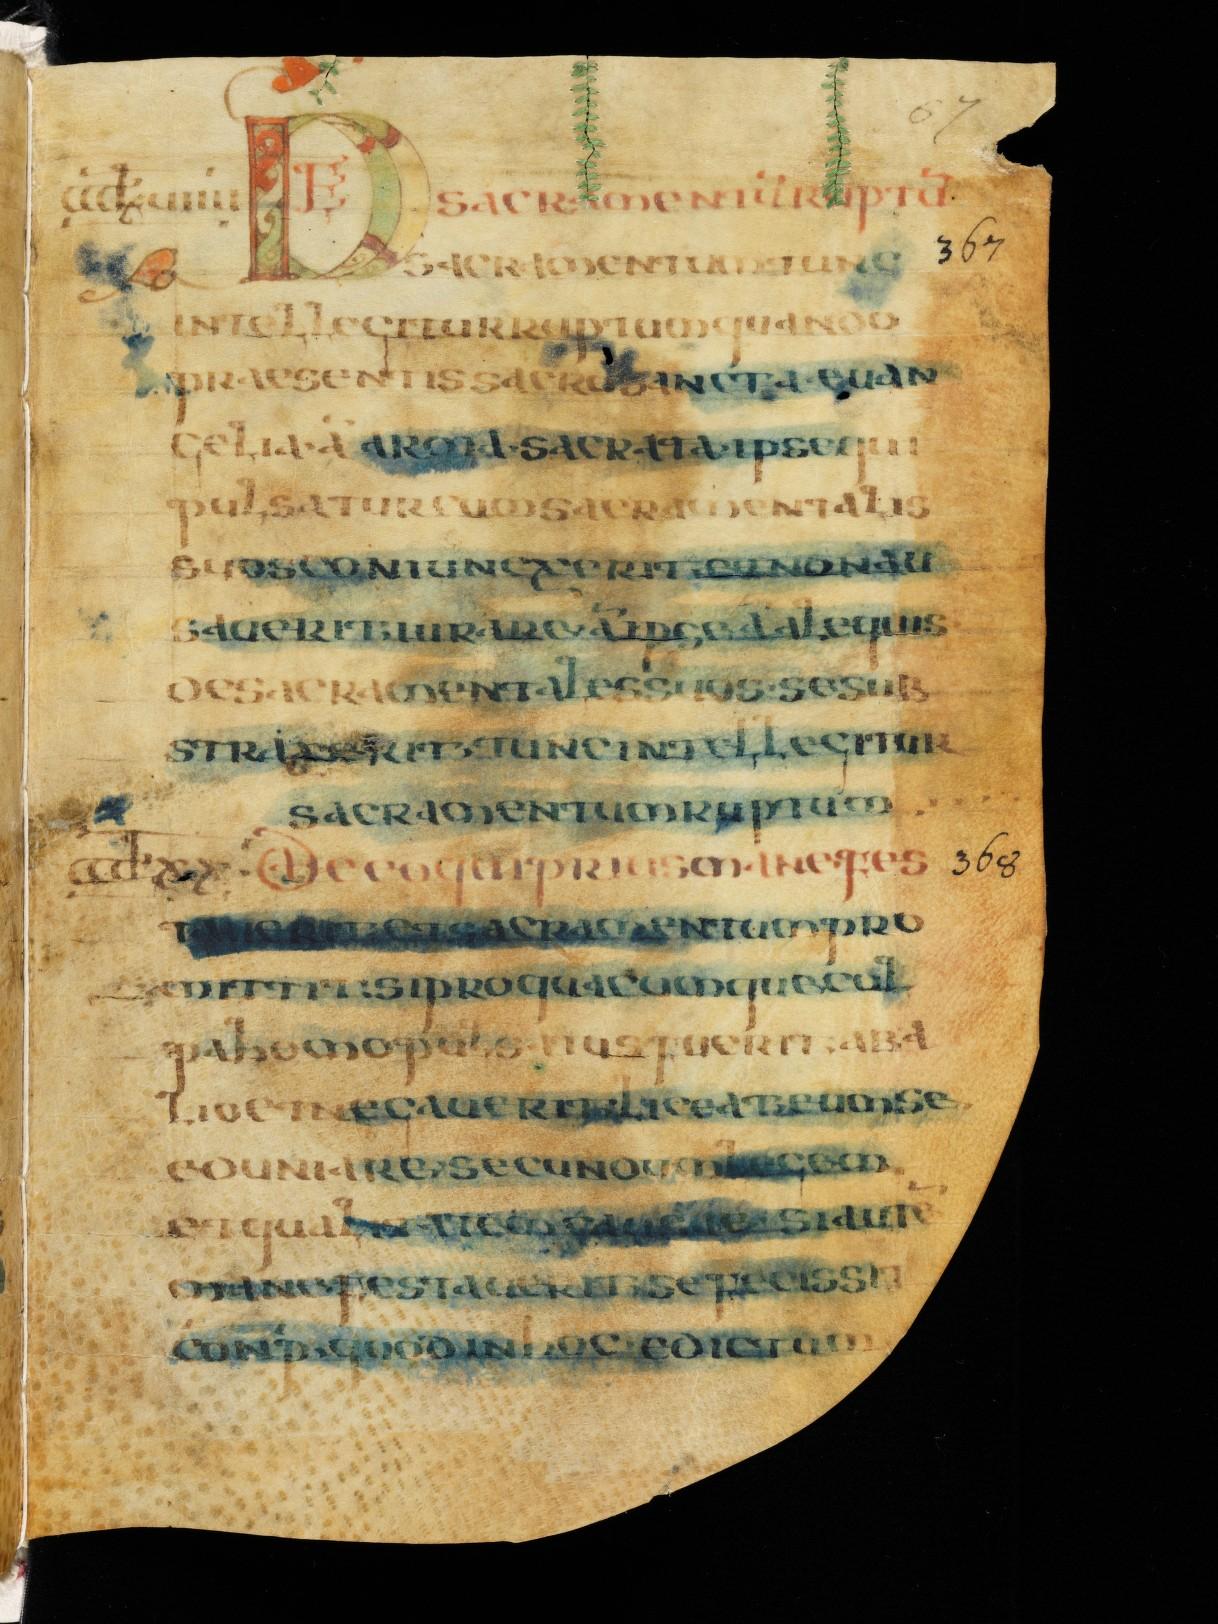 Cod. Sang. 730, p. 67